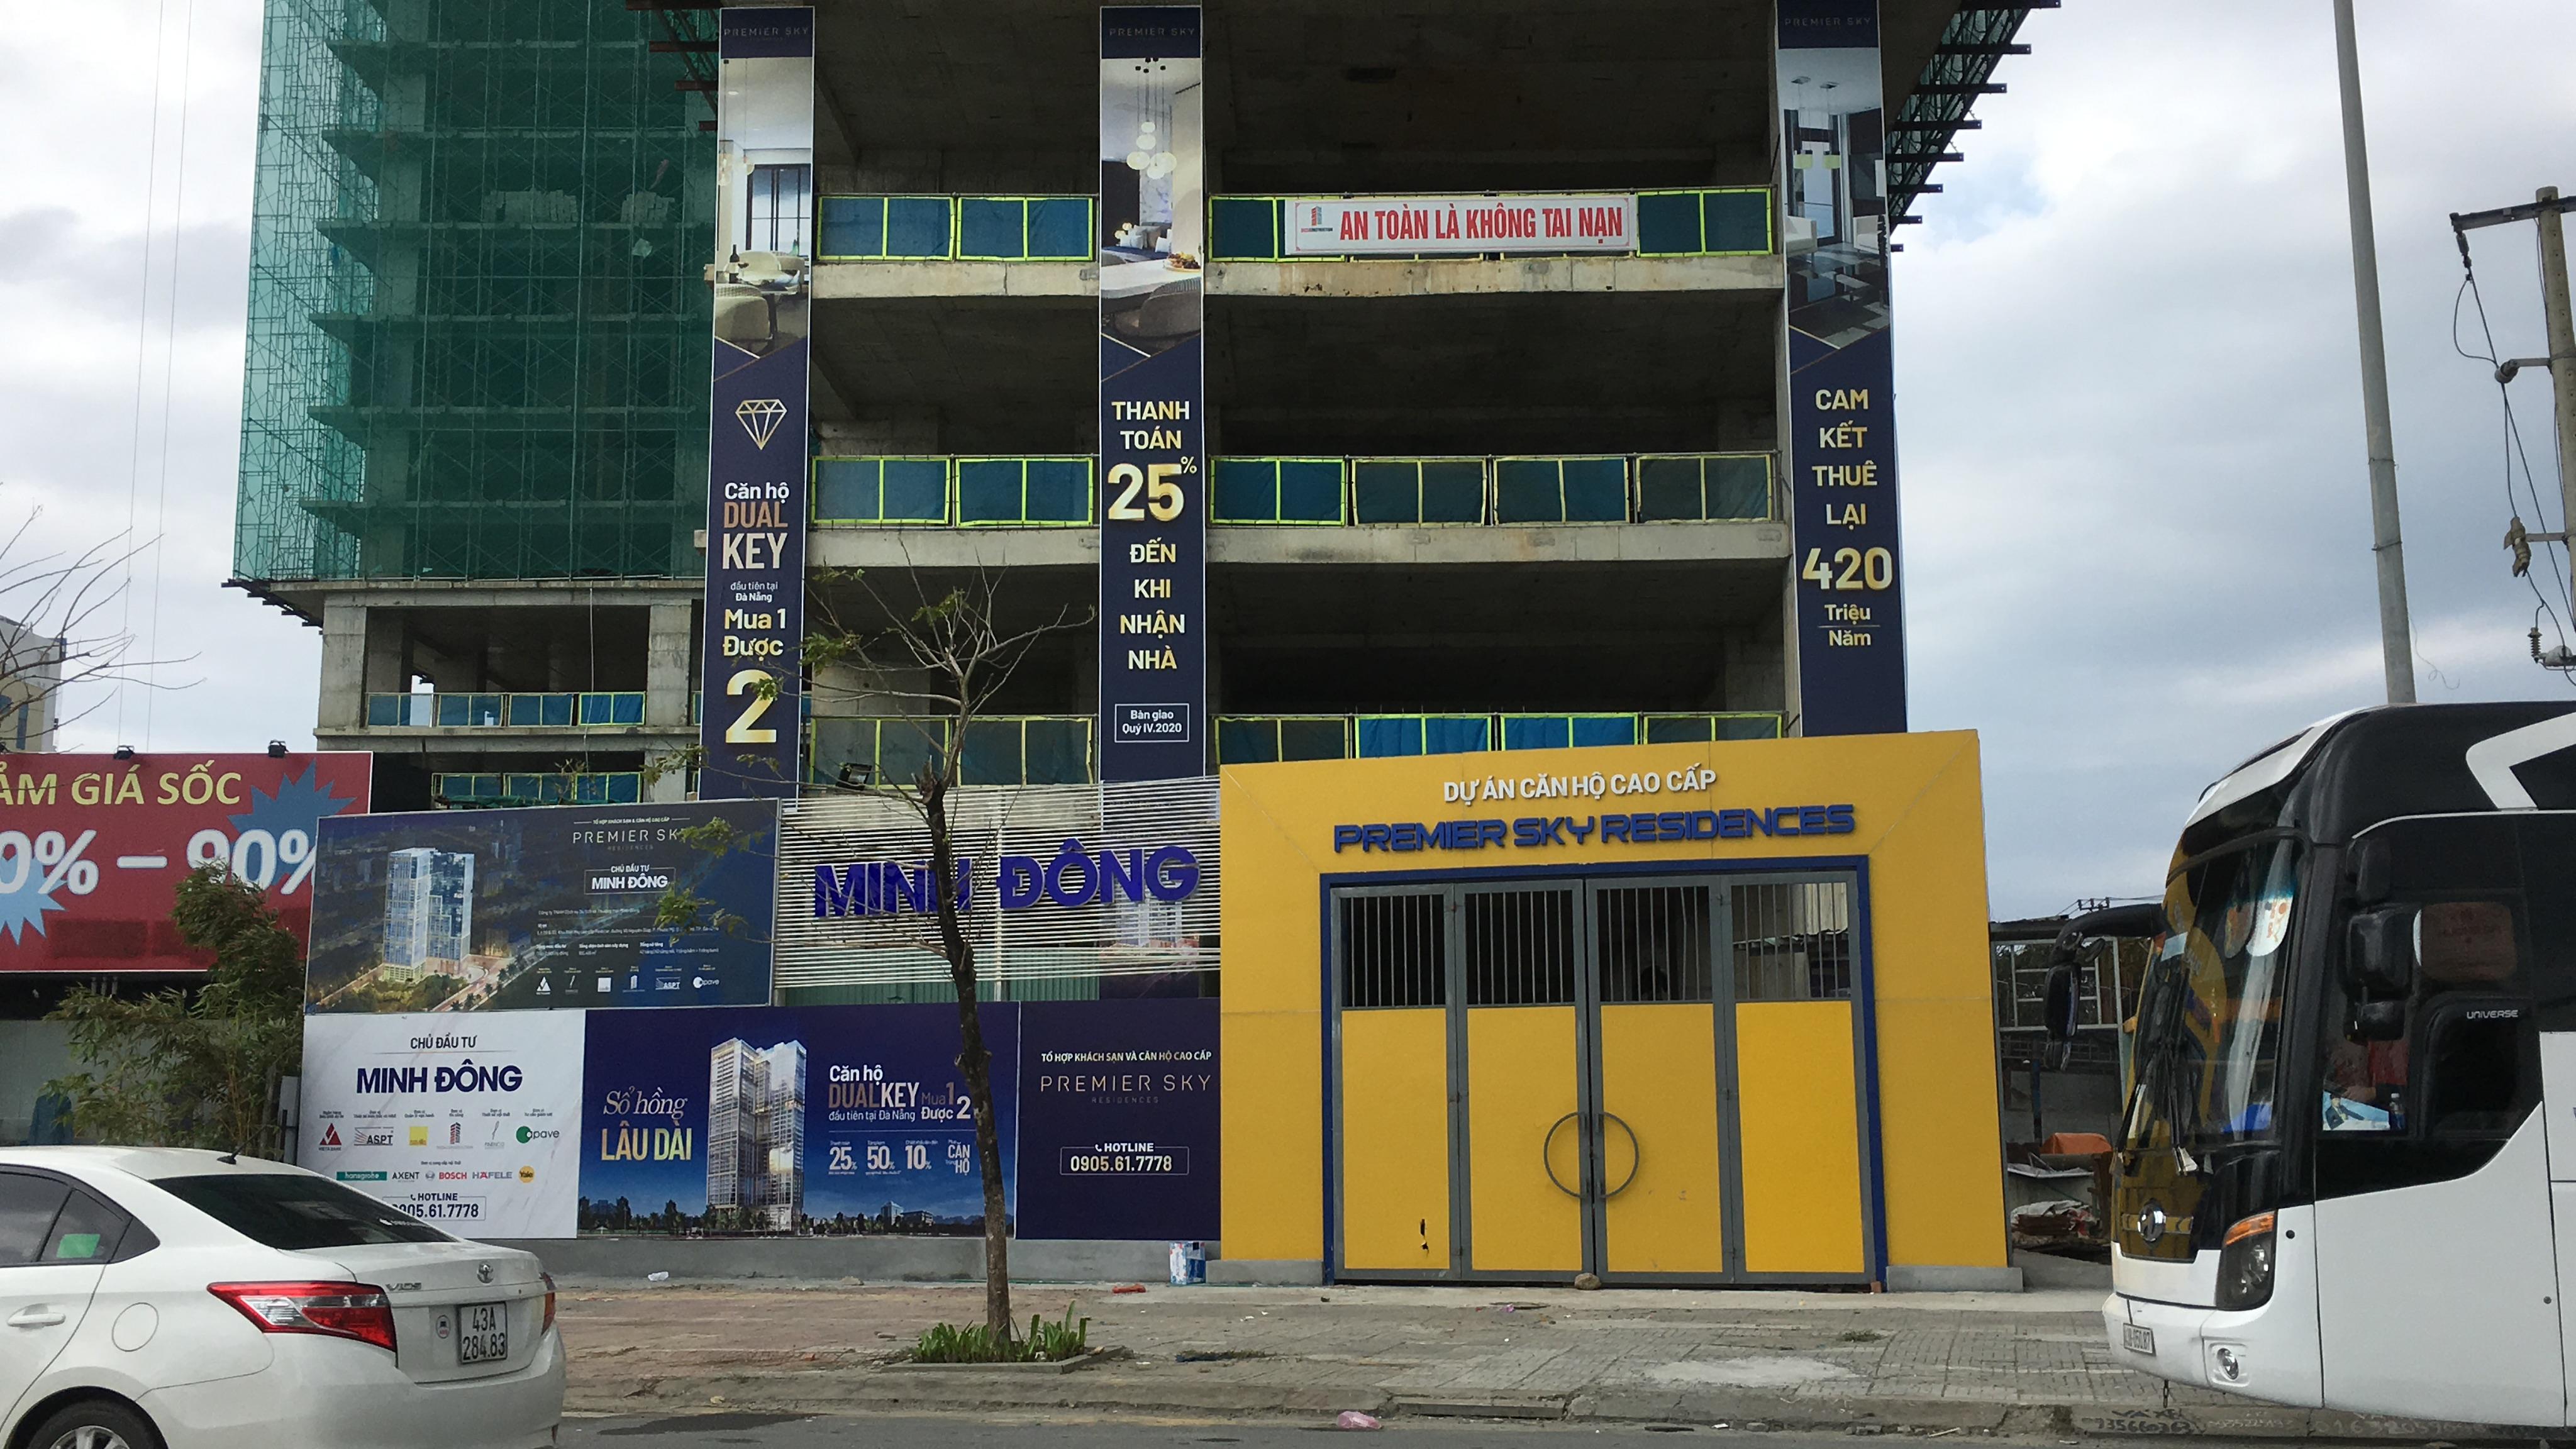 Gần 1.000 căn hộ bán ra tại Đà Nẵng hậu dịch Covid-19 - Ảnh 2.